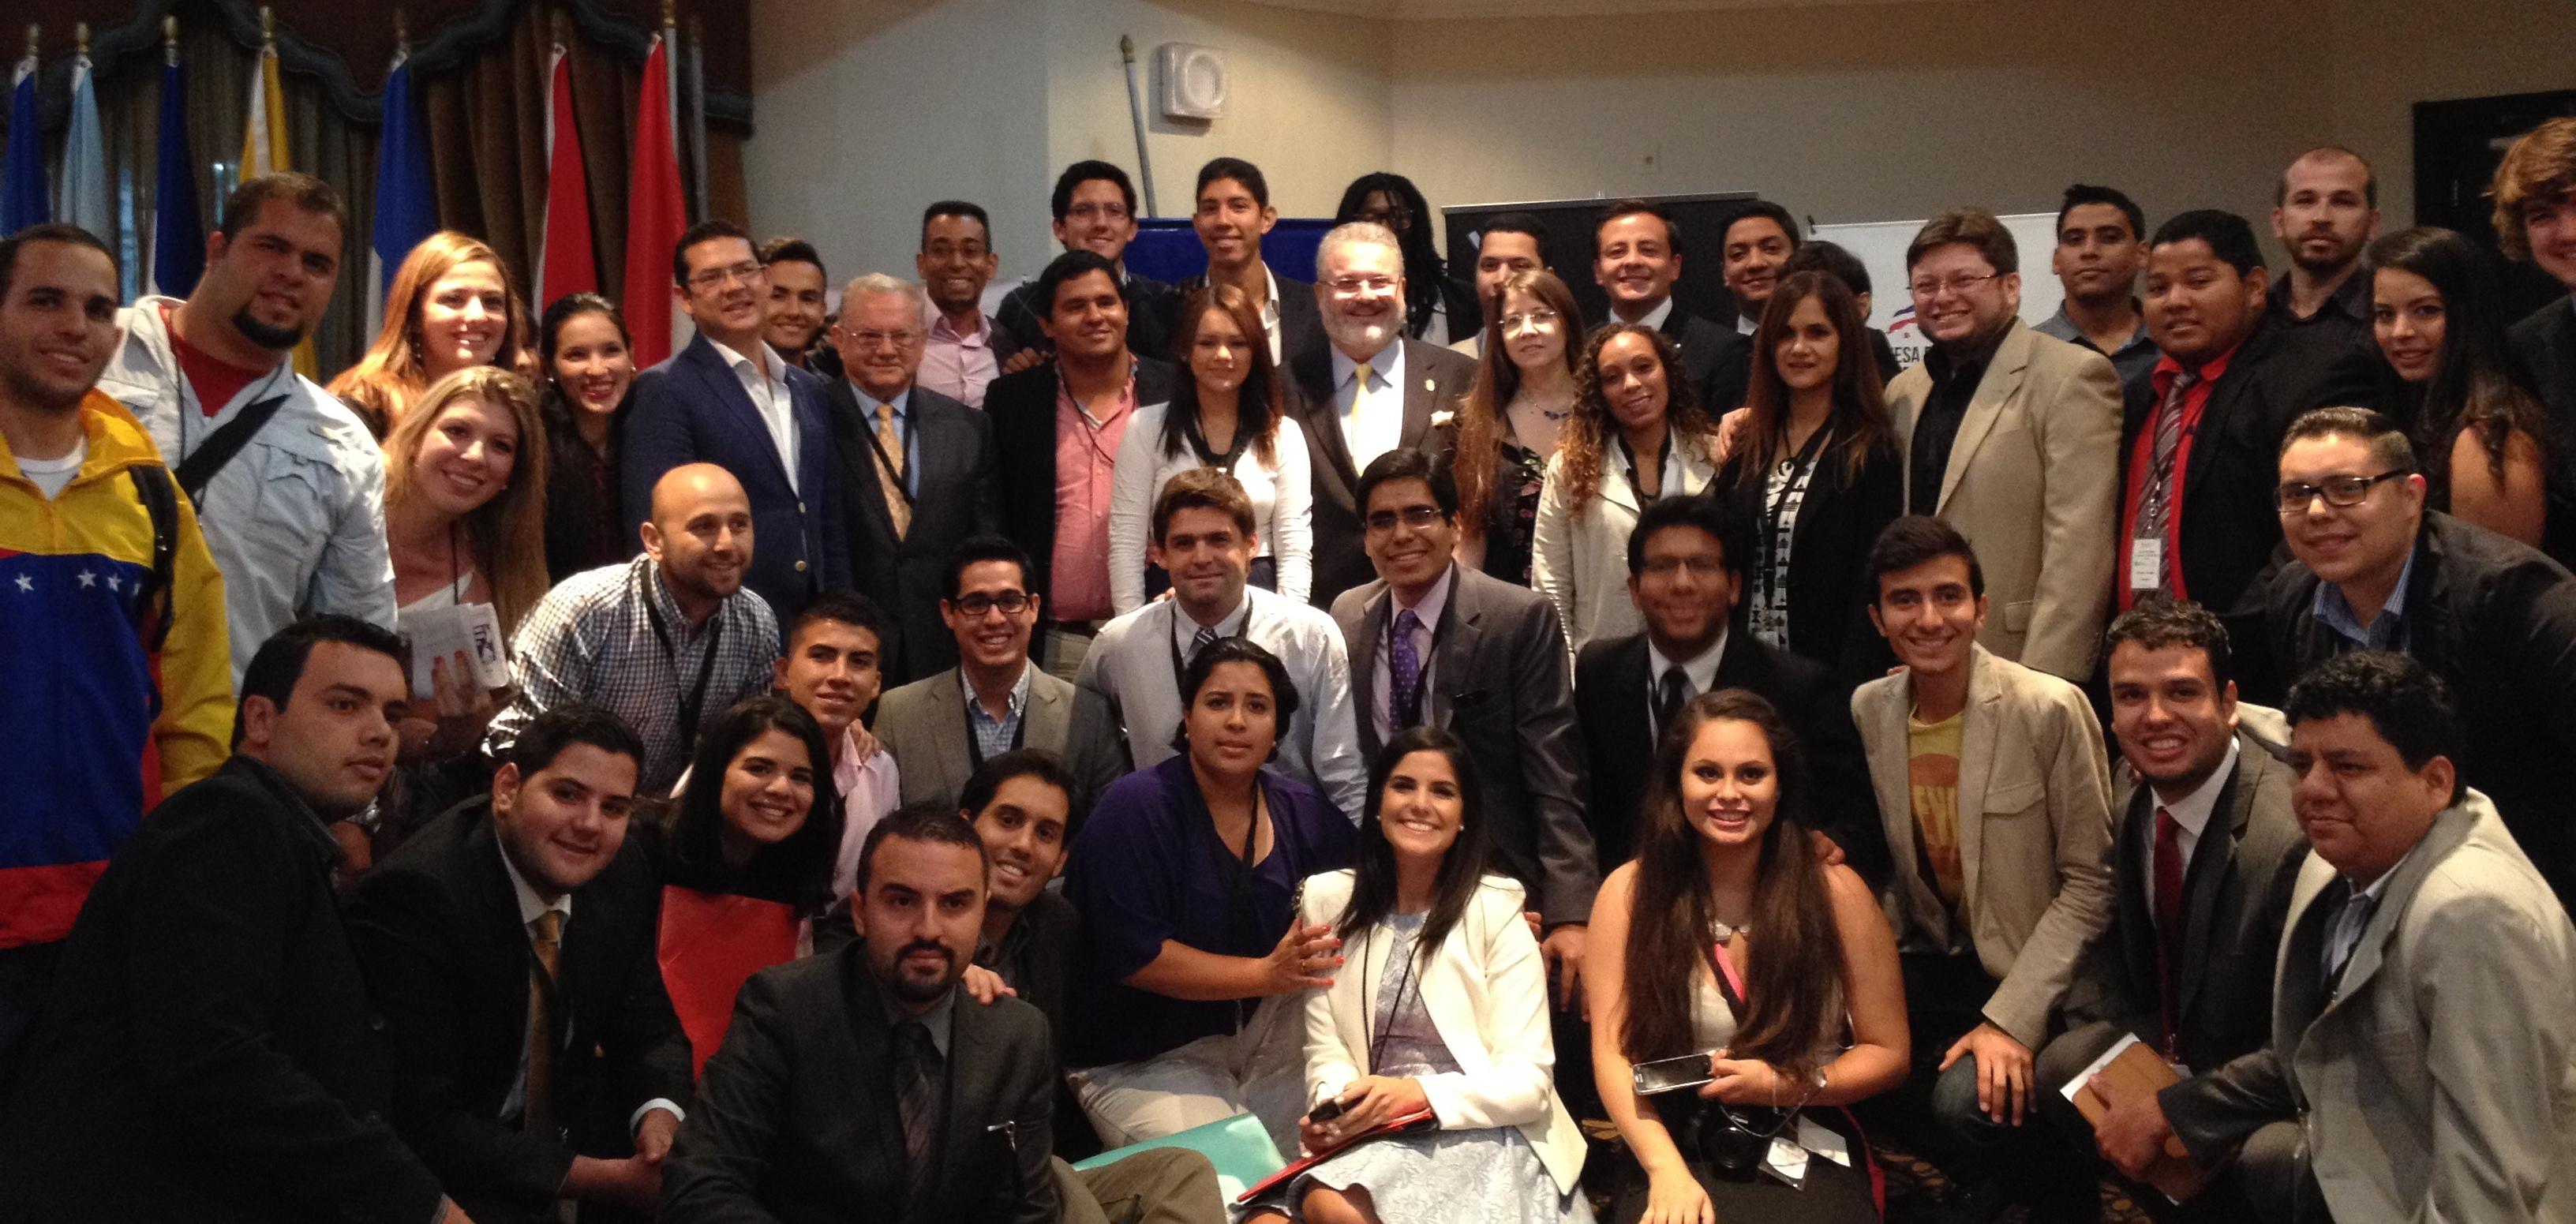 El ministro de Gobierno panameño, Milton Henríquez, respaldó los principios democráticos que defienden los jóvenes y denunció la asfixia de libertades en la región. (PanAm Post)